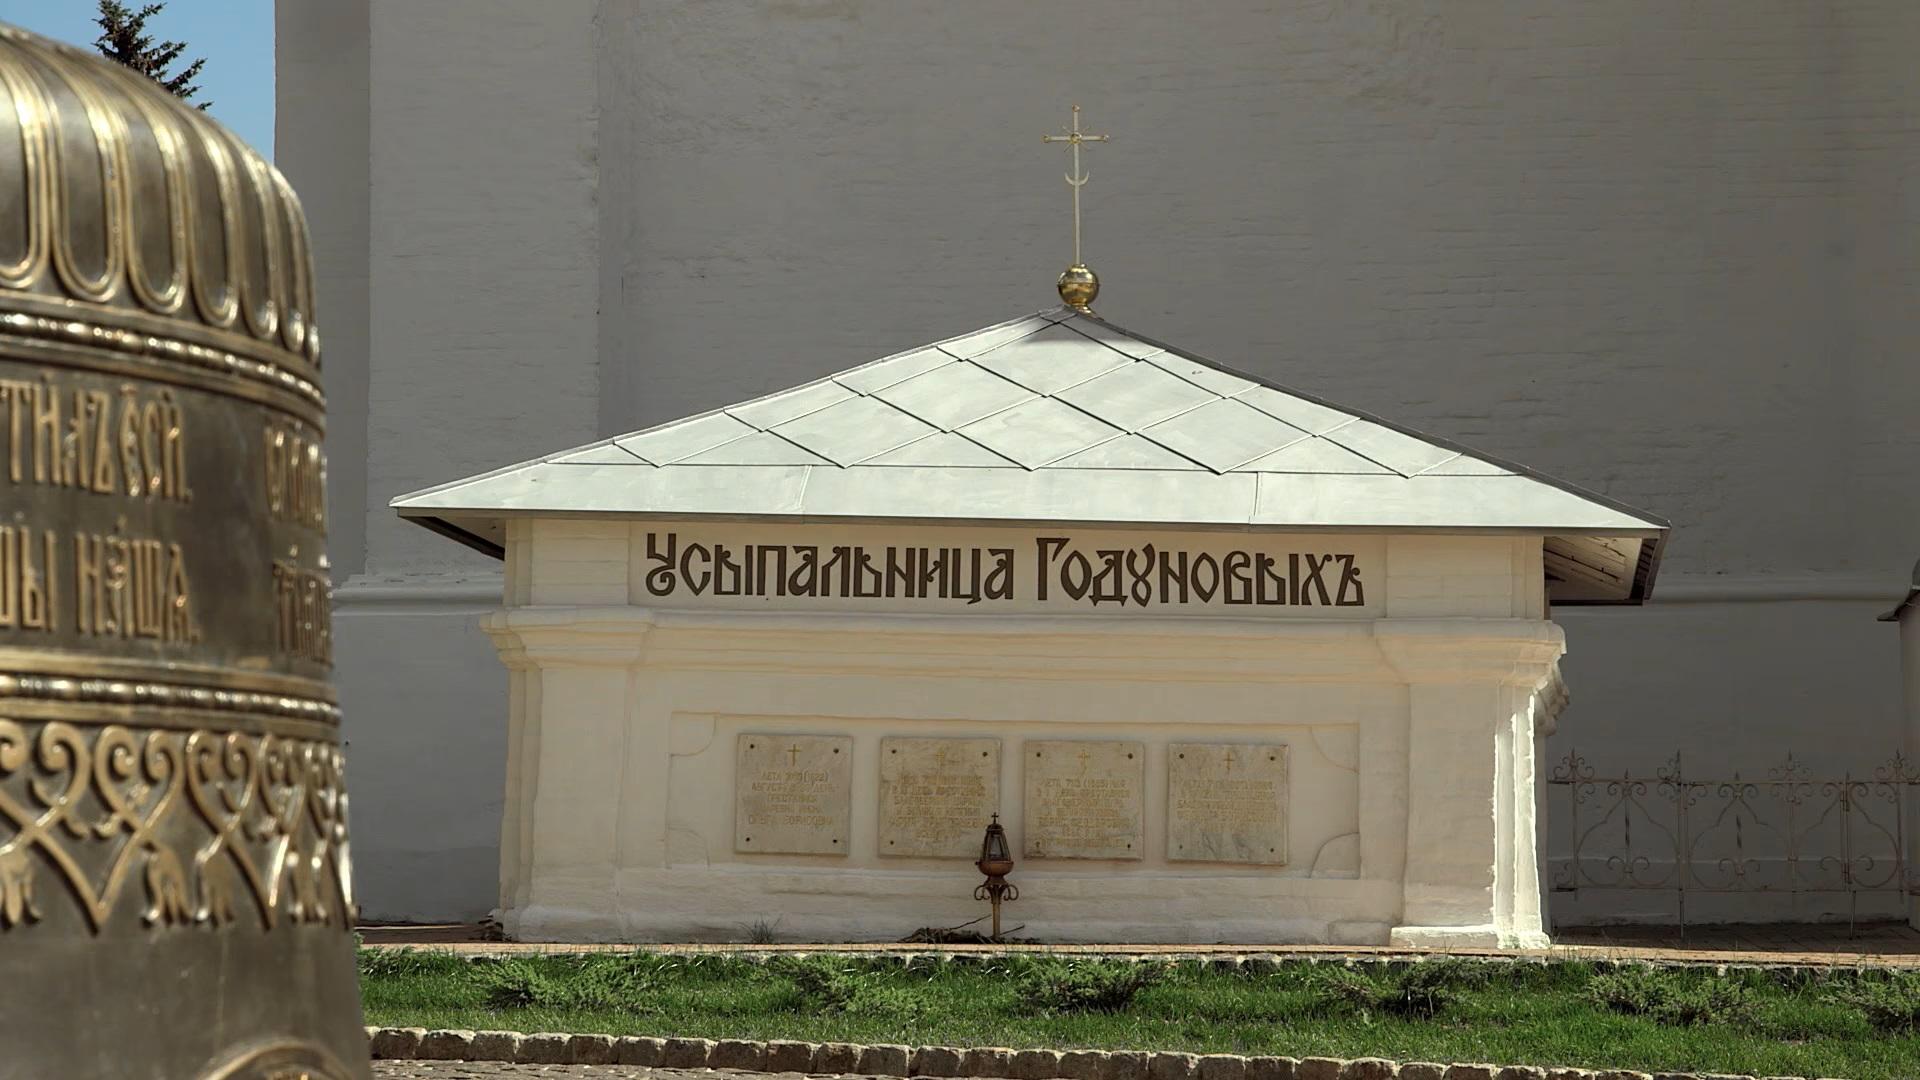 Лекционная программа «Борис Годунов: от слуги до Государя всея Руси» – события на сайте «Московские Сезоны»